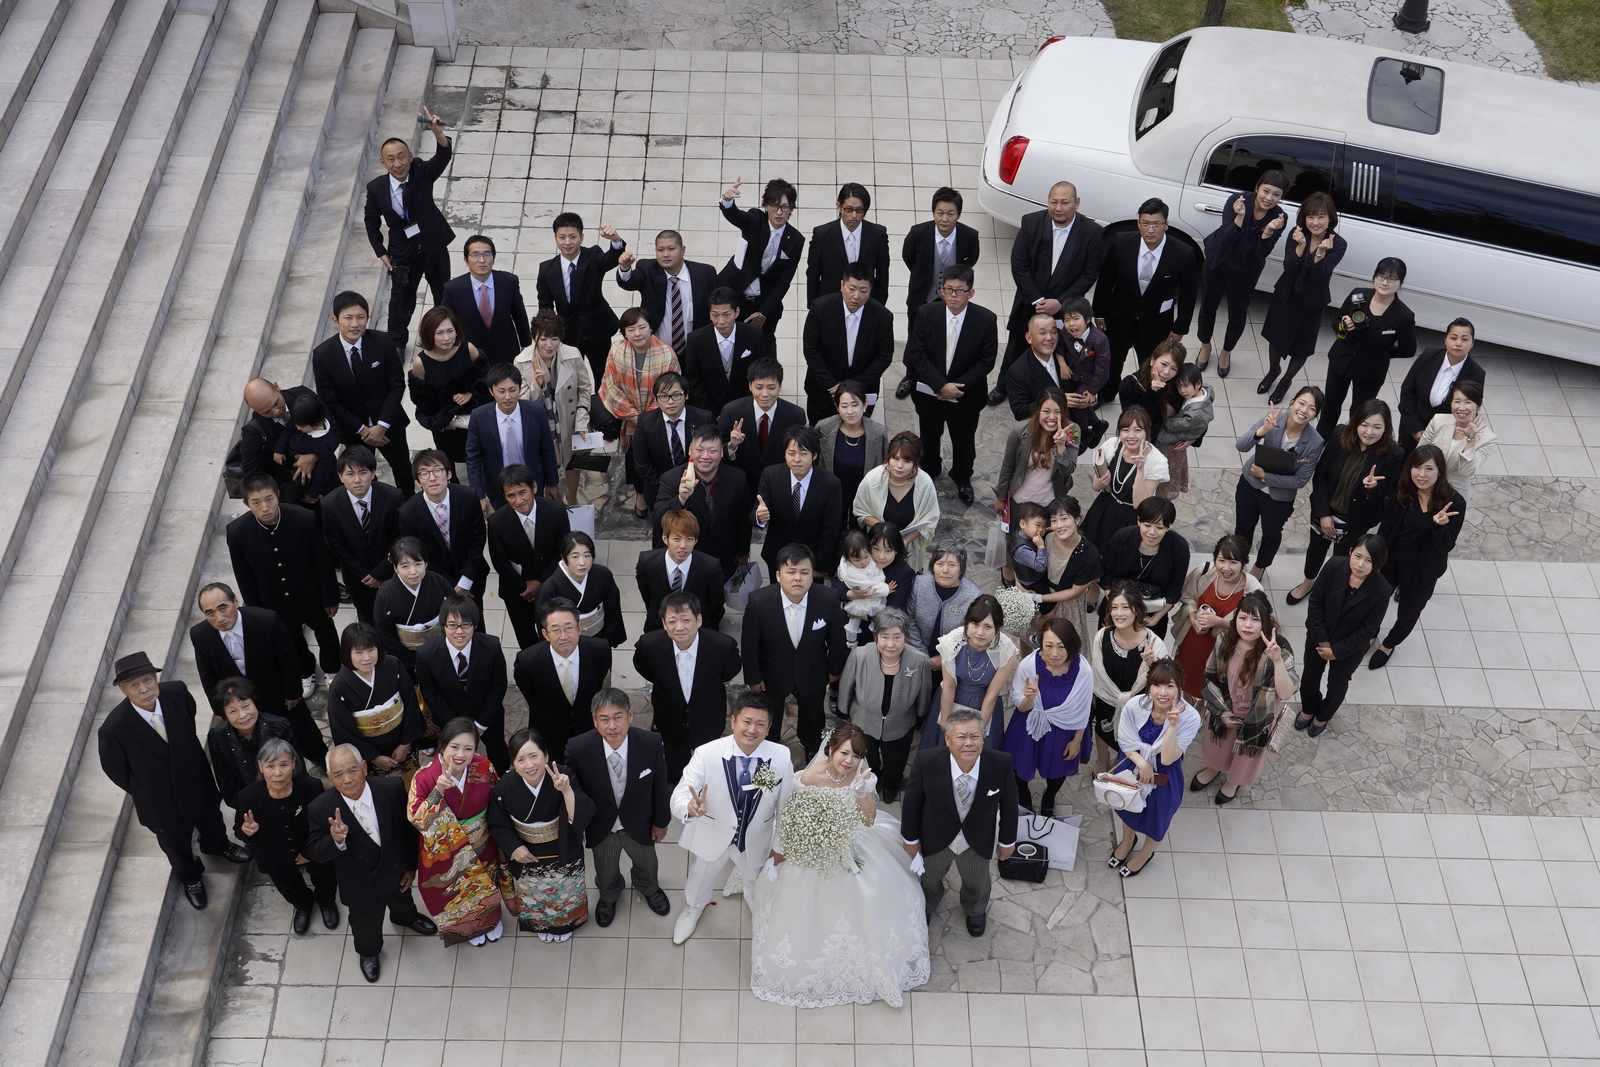 香川の結婚式場シェルエメール&アイスタイル スカイフォト